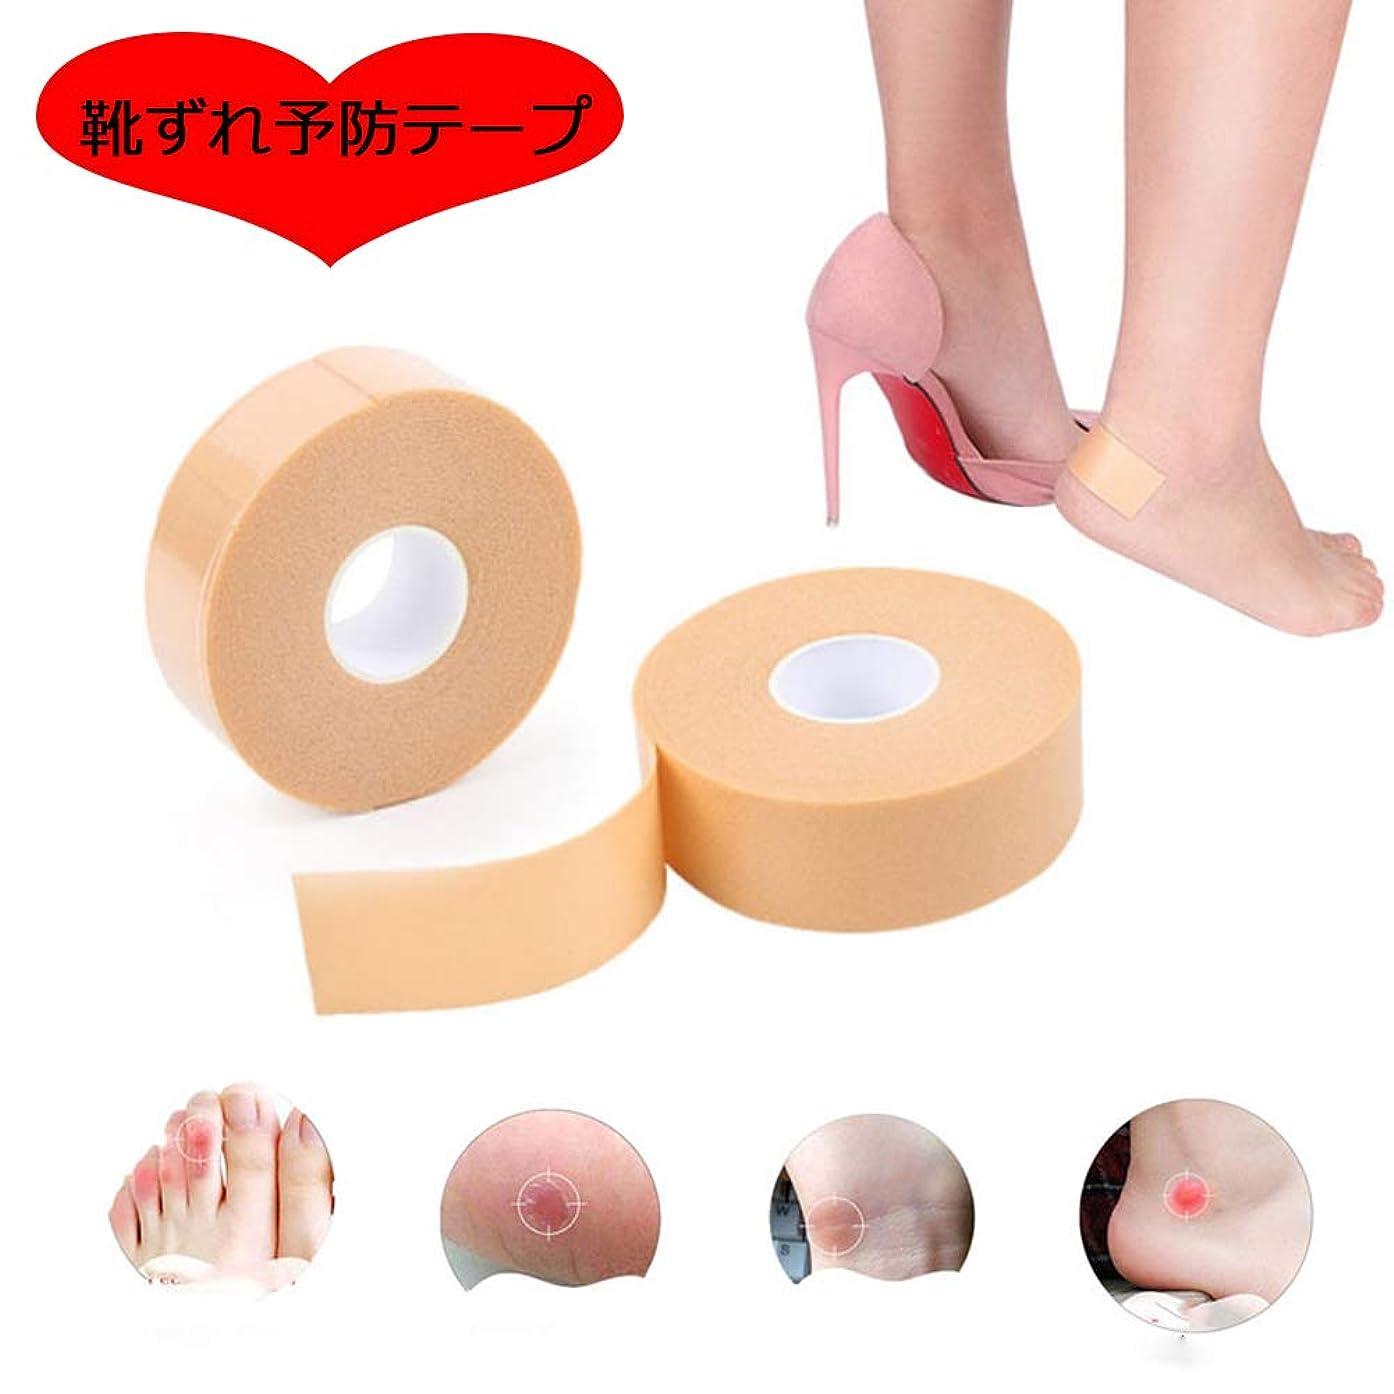 バレルゴシップ新年靴ずれ予防テープ EXTSUD 靴擦れ防止 かかと パッド ヒールステッカーテープ 2.5cm*5m グ ラインドフットステッカー 切断可能 防水 かかと保護テープ 肌色 粘着 足痛み軽減 伸縮性抜群 男 女兼用